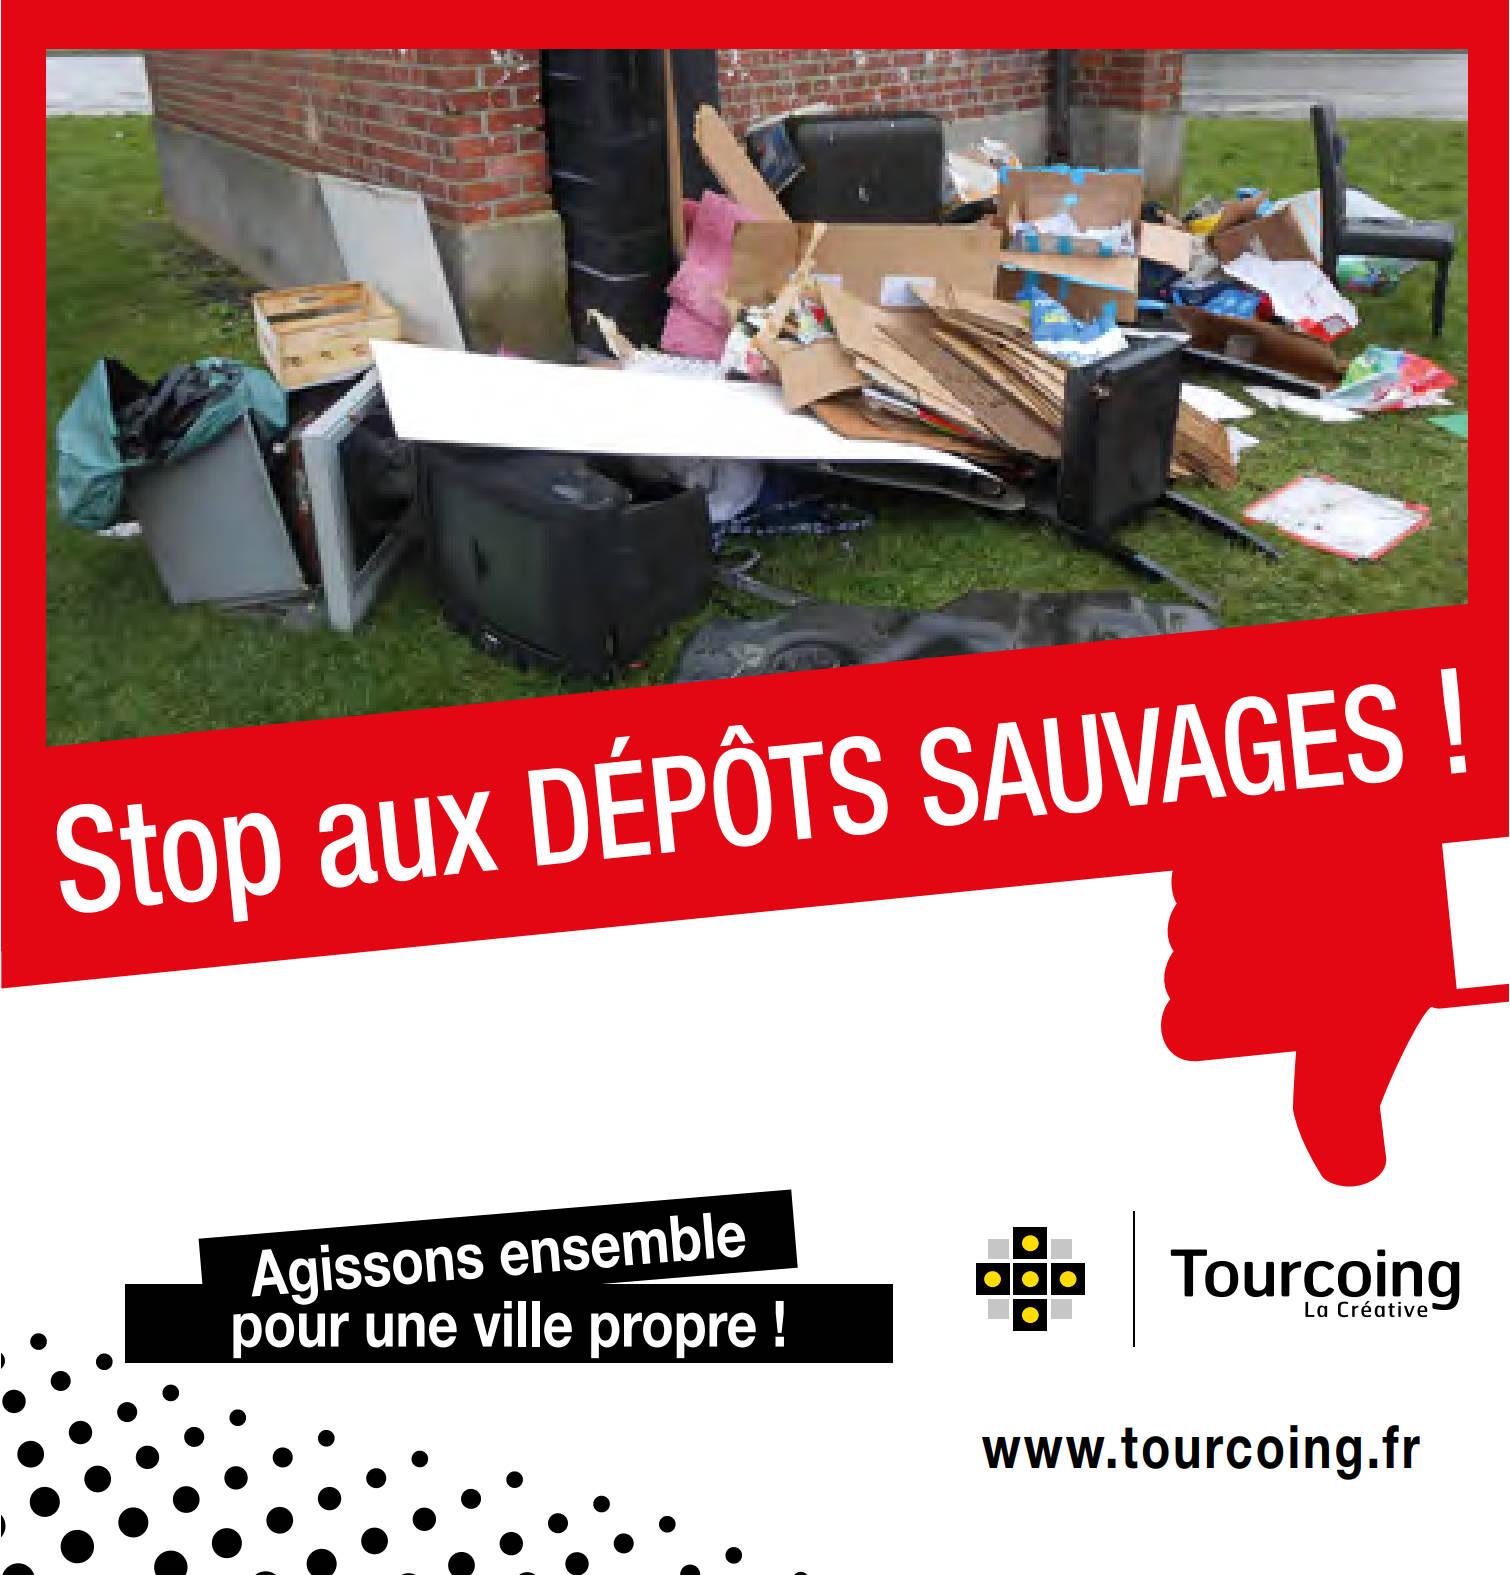 Affiche Stop aux dépôts sauvages Tourcoing